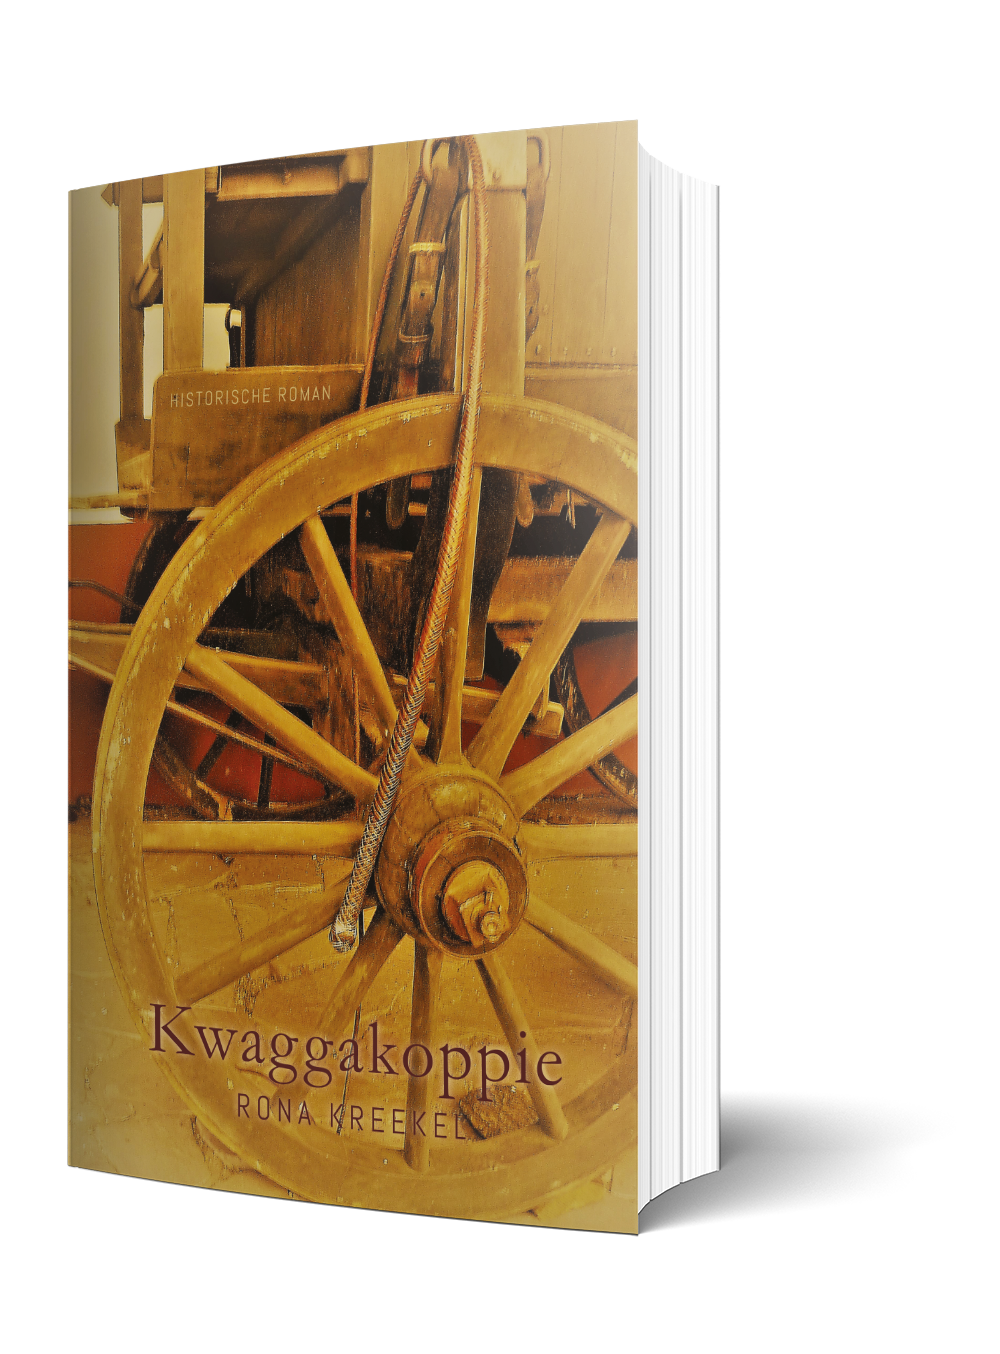 Kwaggakoppie - Rona Kreekel